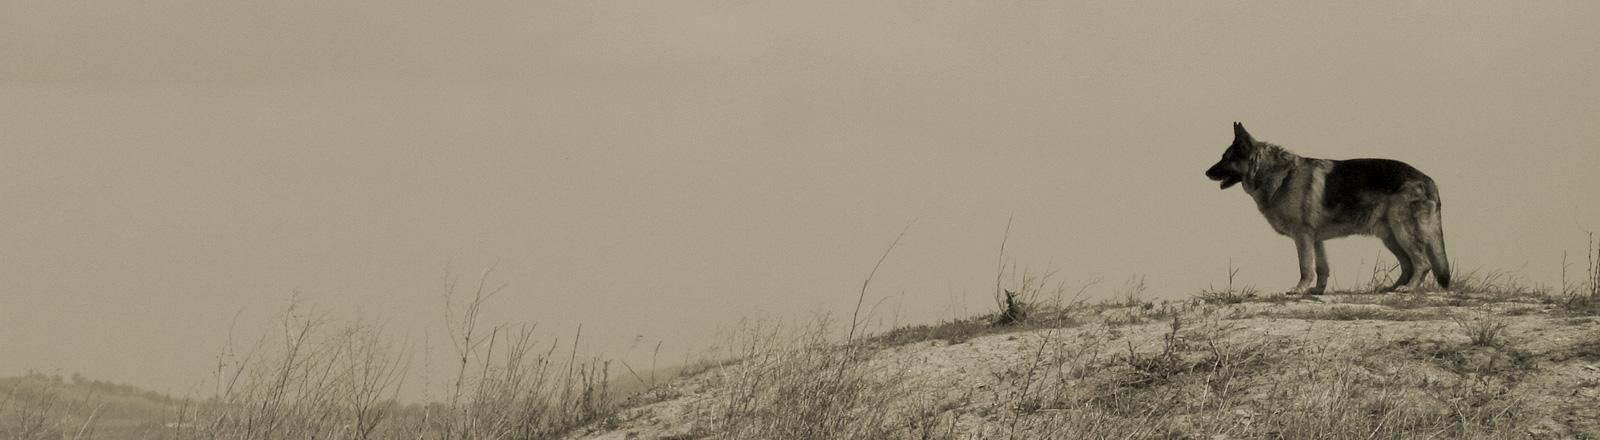 Ein Schäferhund steht auf einer Bergkuppe.